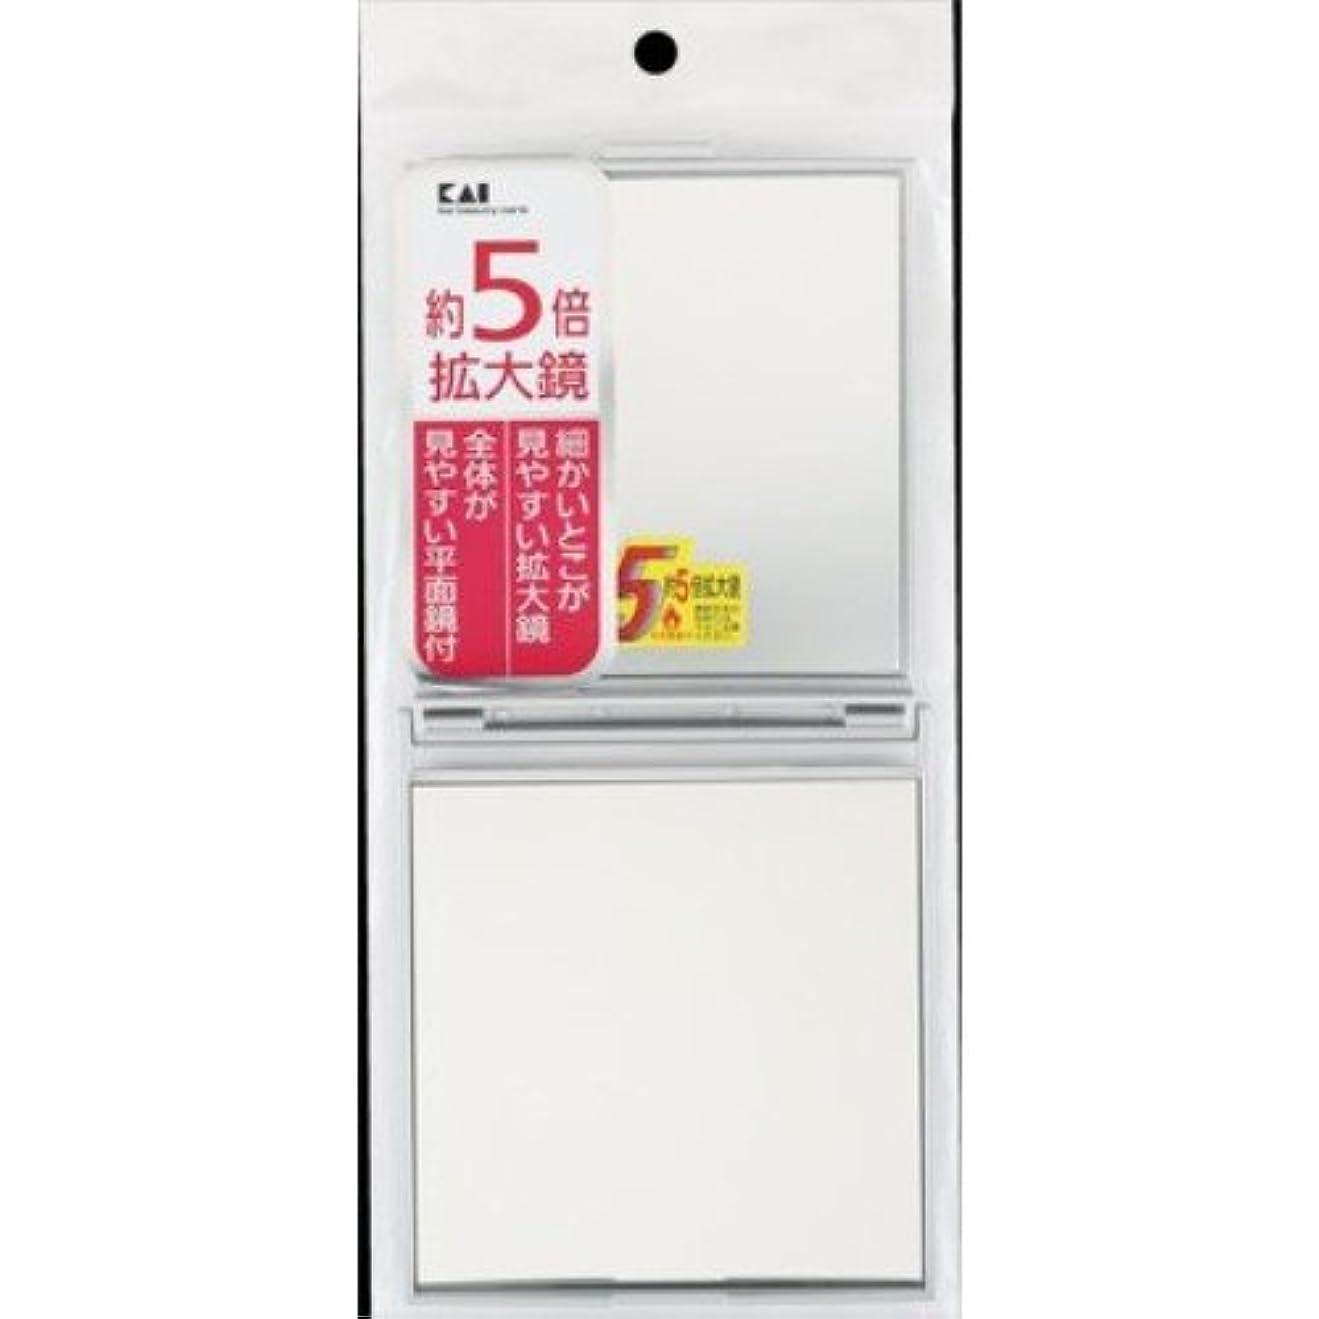 貴重な収容する方法貝印 5倍拡大鏡付コンパクトミラー シルバー KX0755